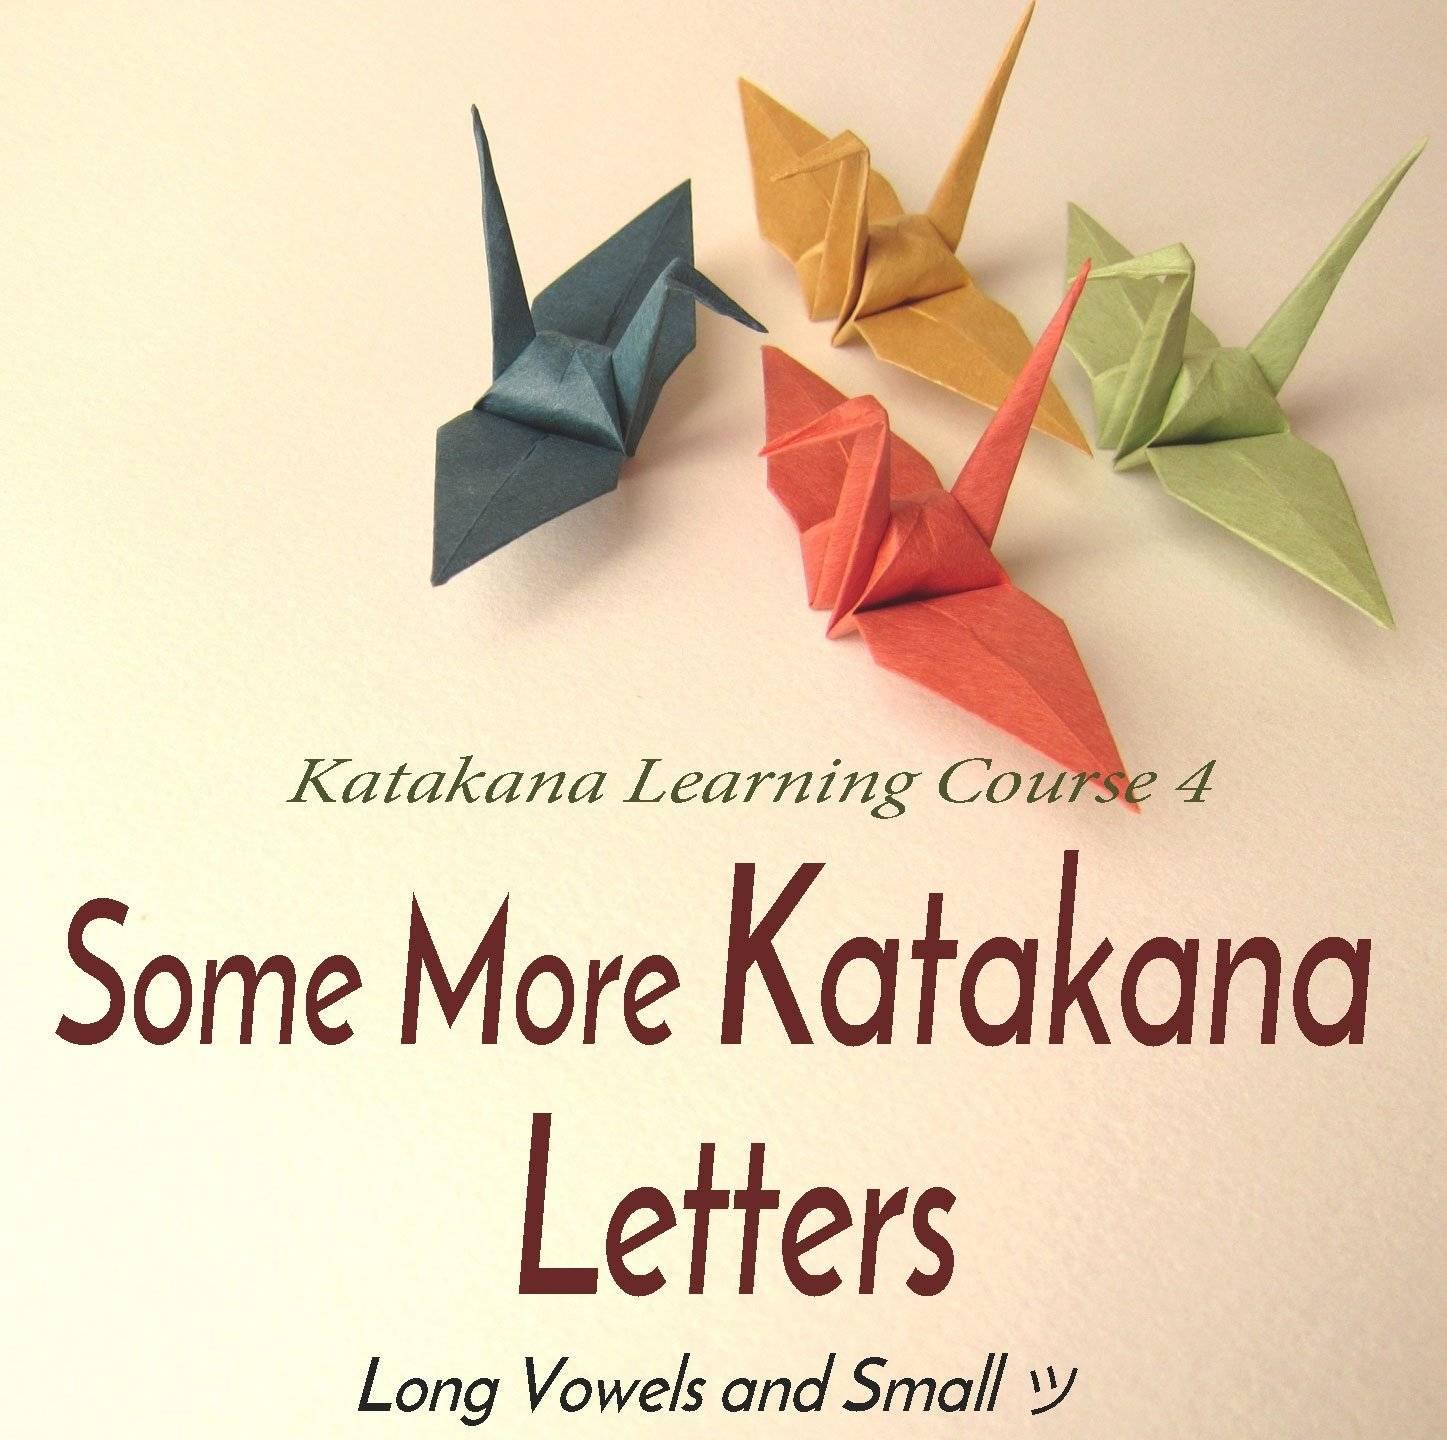 Katakana, long vowel, sokuon, katakana long vowel, katakana sokuon, how to learn long vowel, hot to learn sokuon, how to learn katakana